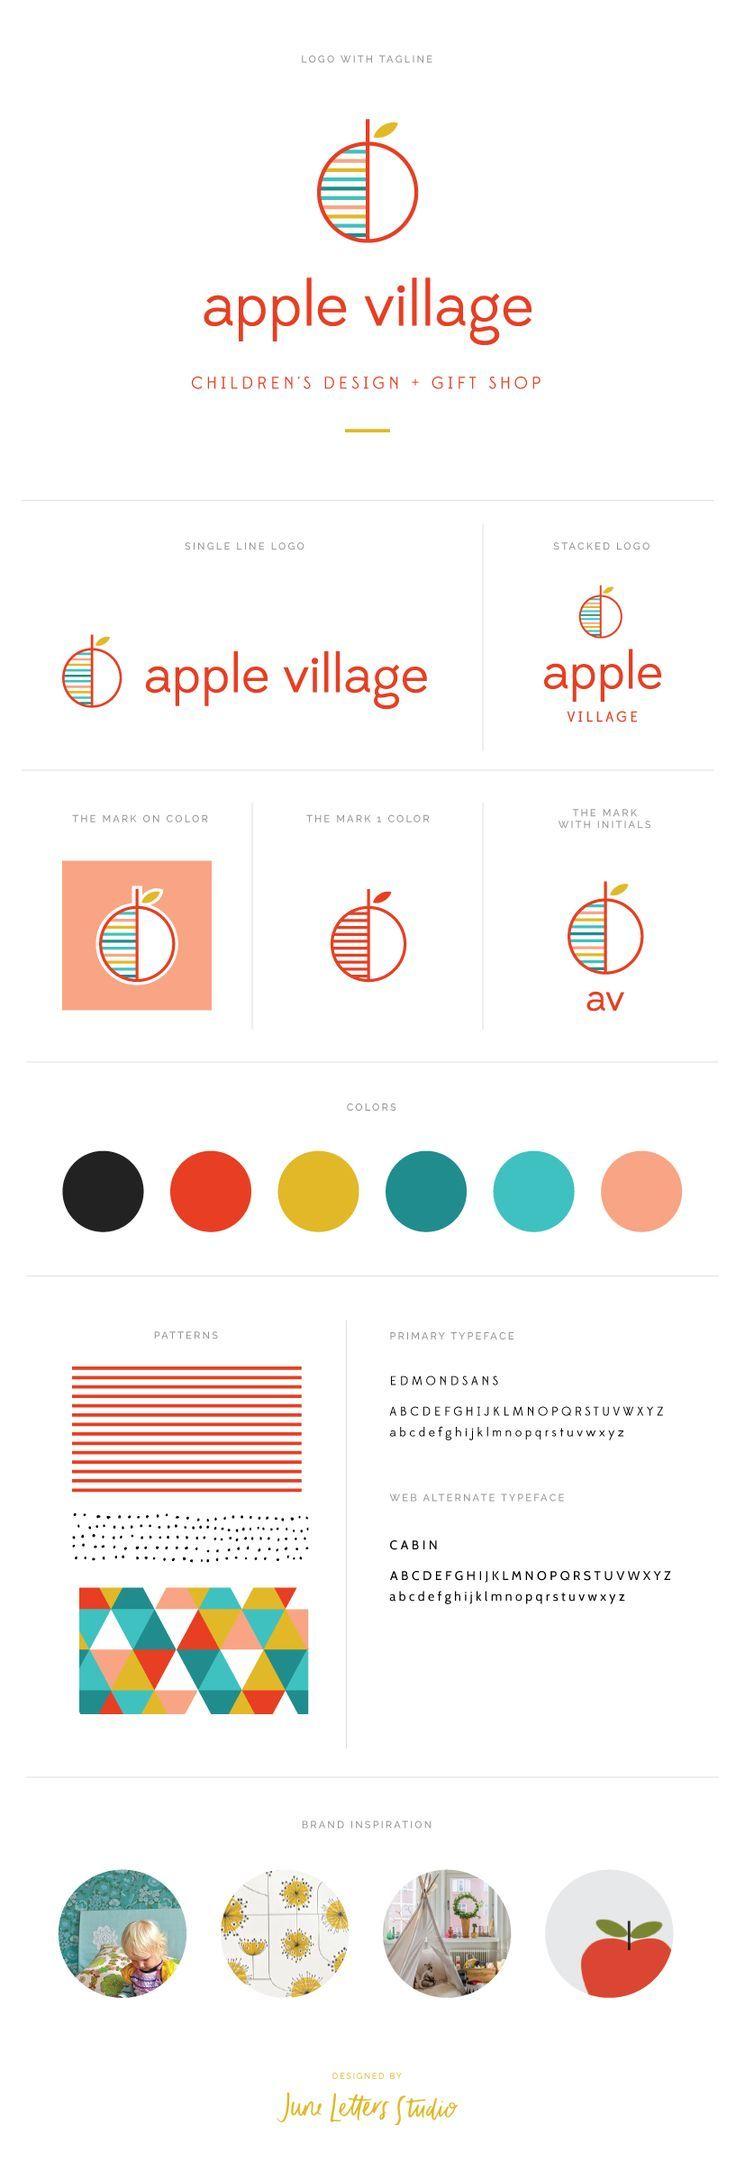 Portfolio — June Letters Studio